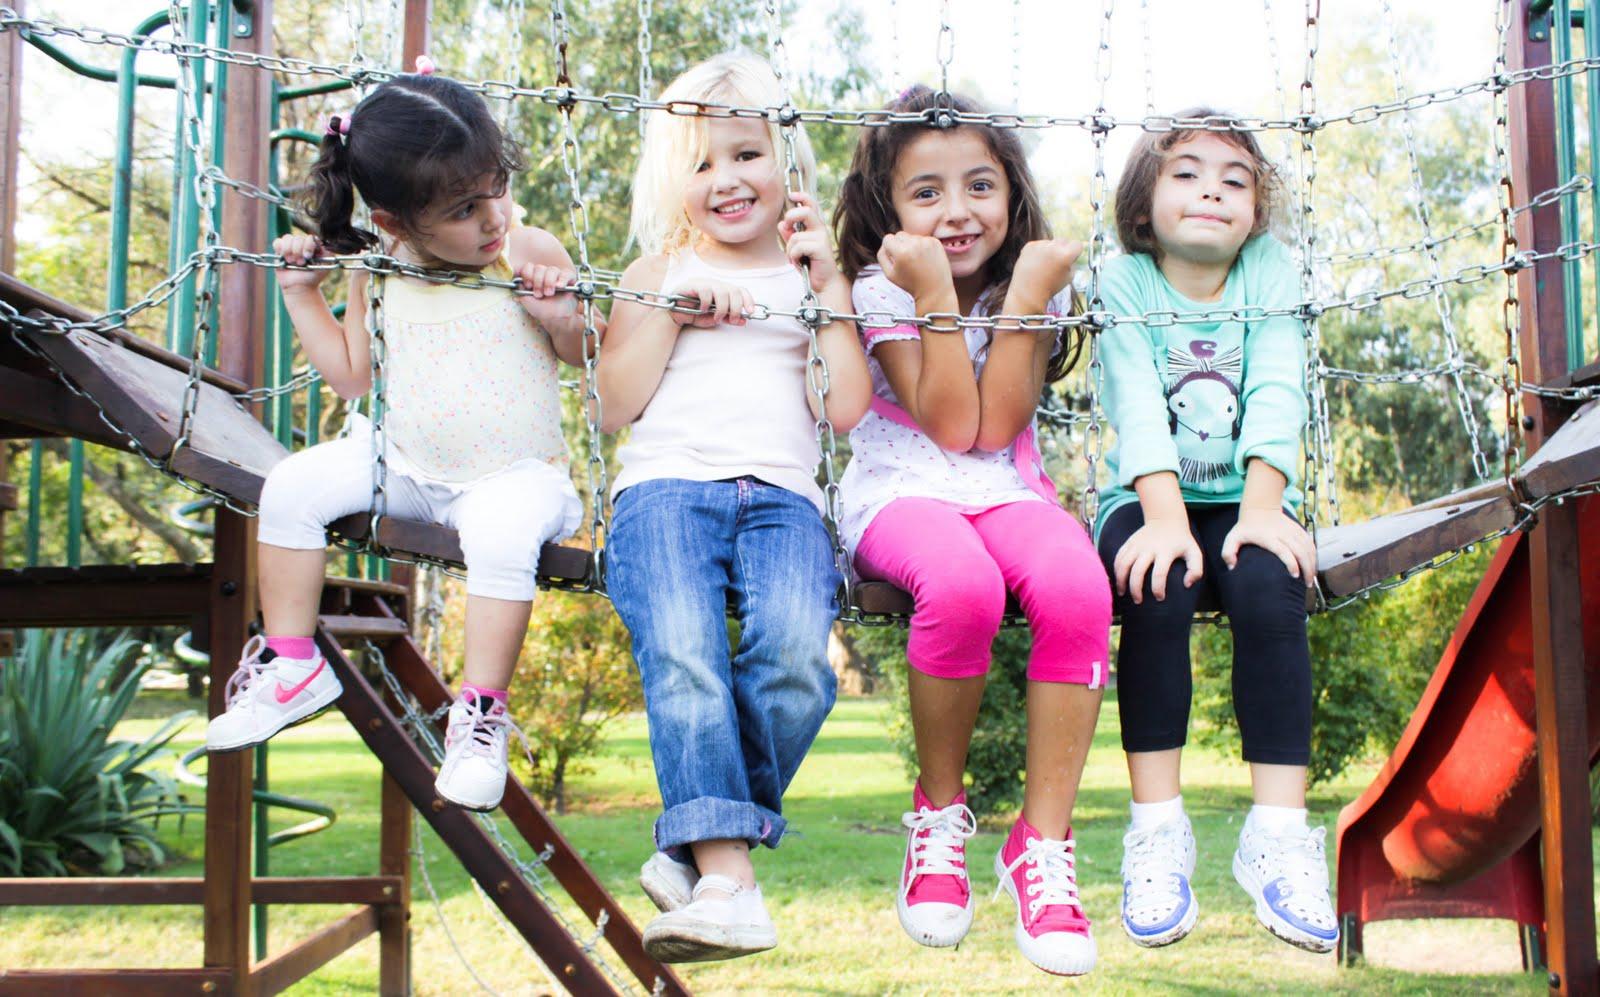 Juegos Para Fiestas Infantiles Divertidos Y Originales Paraninos Org